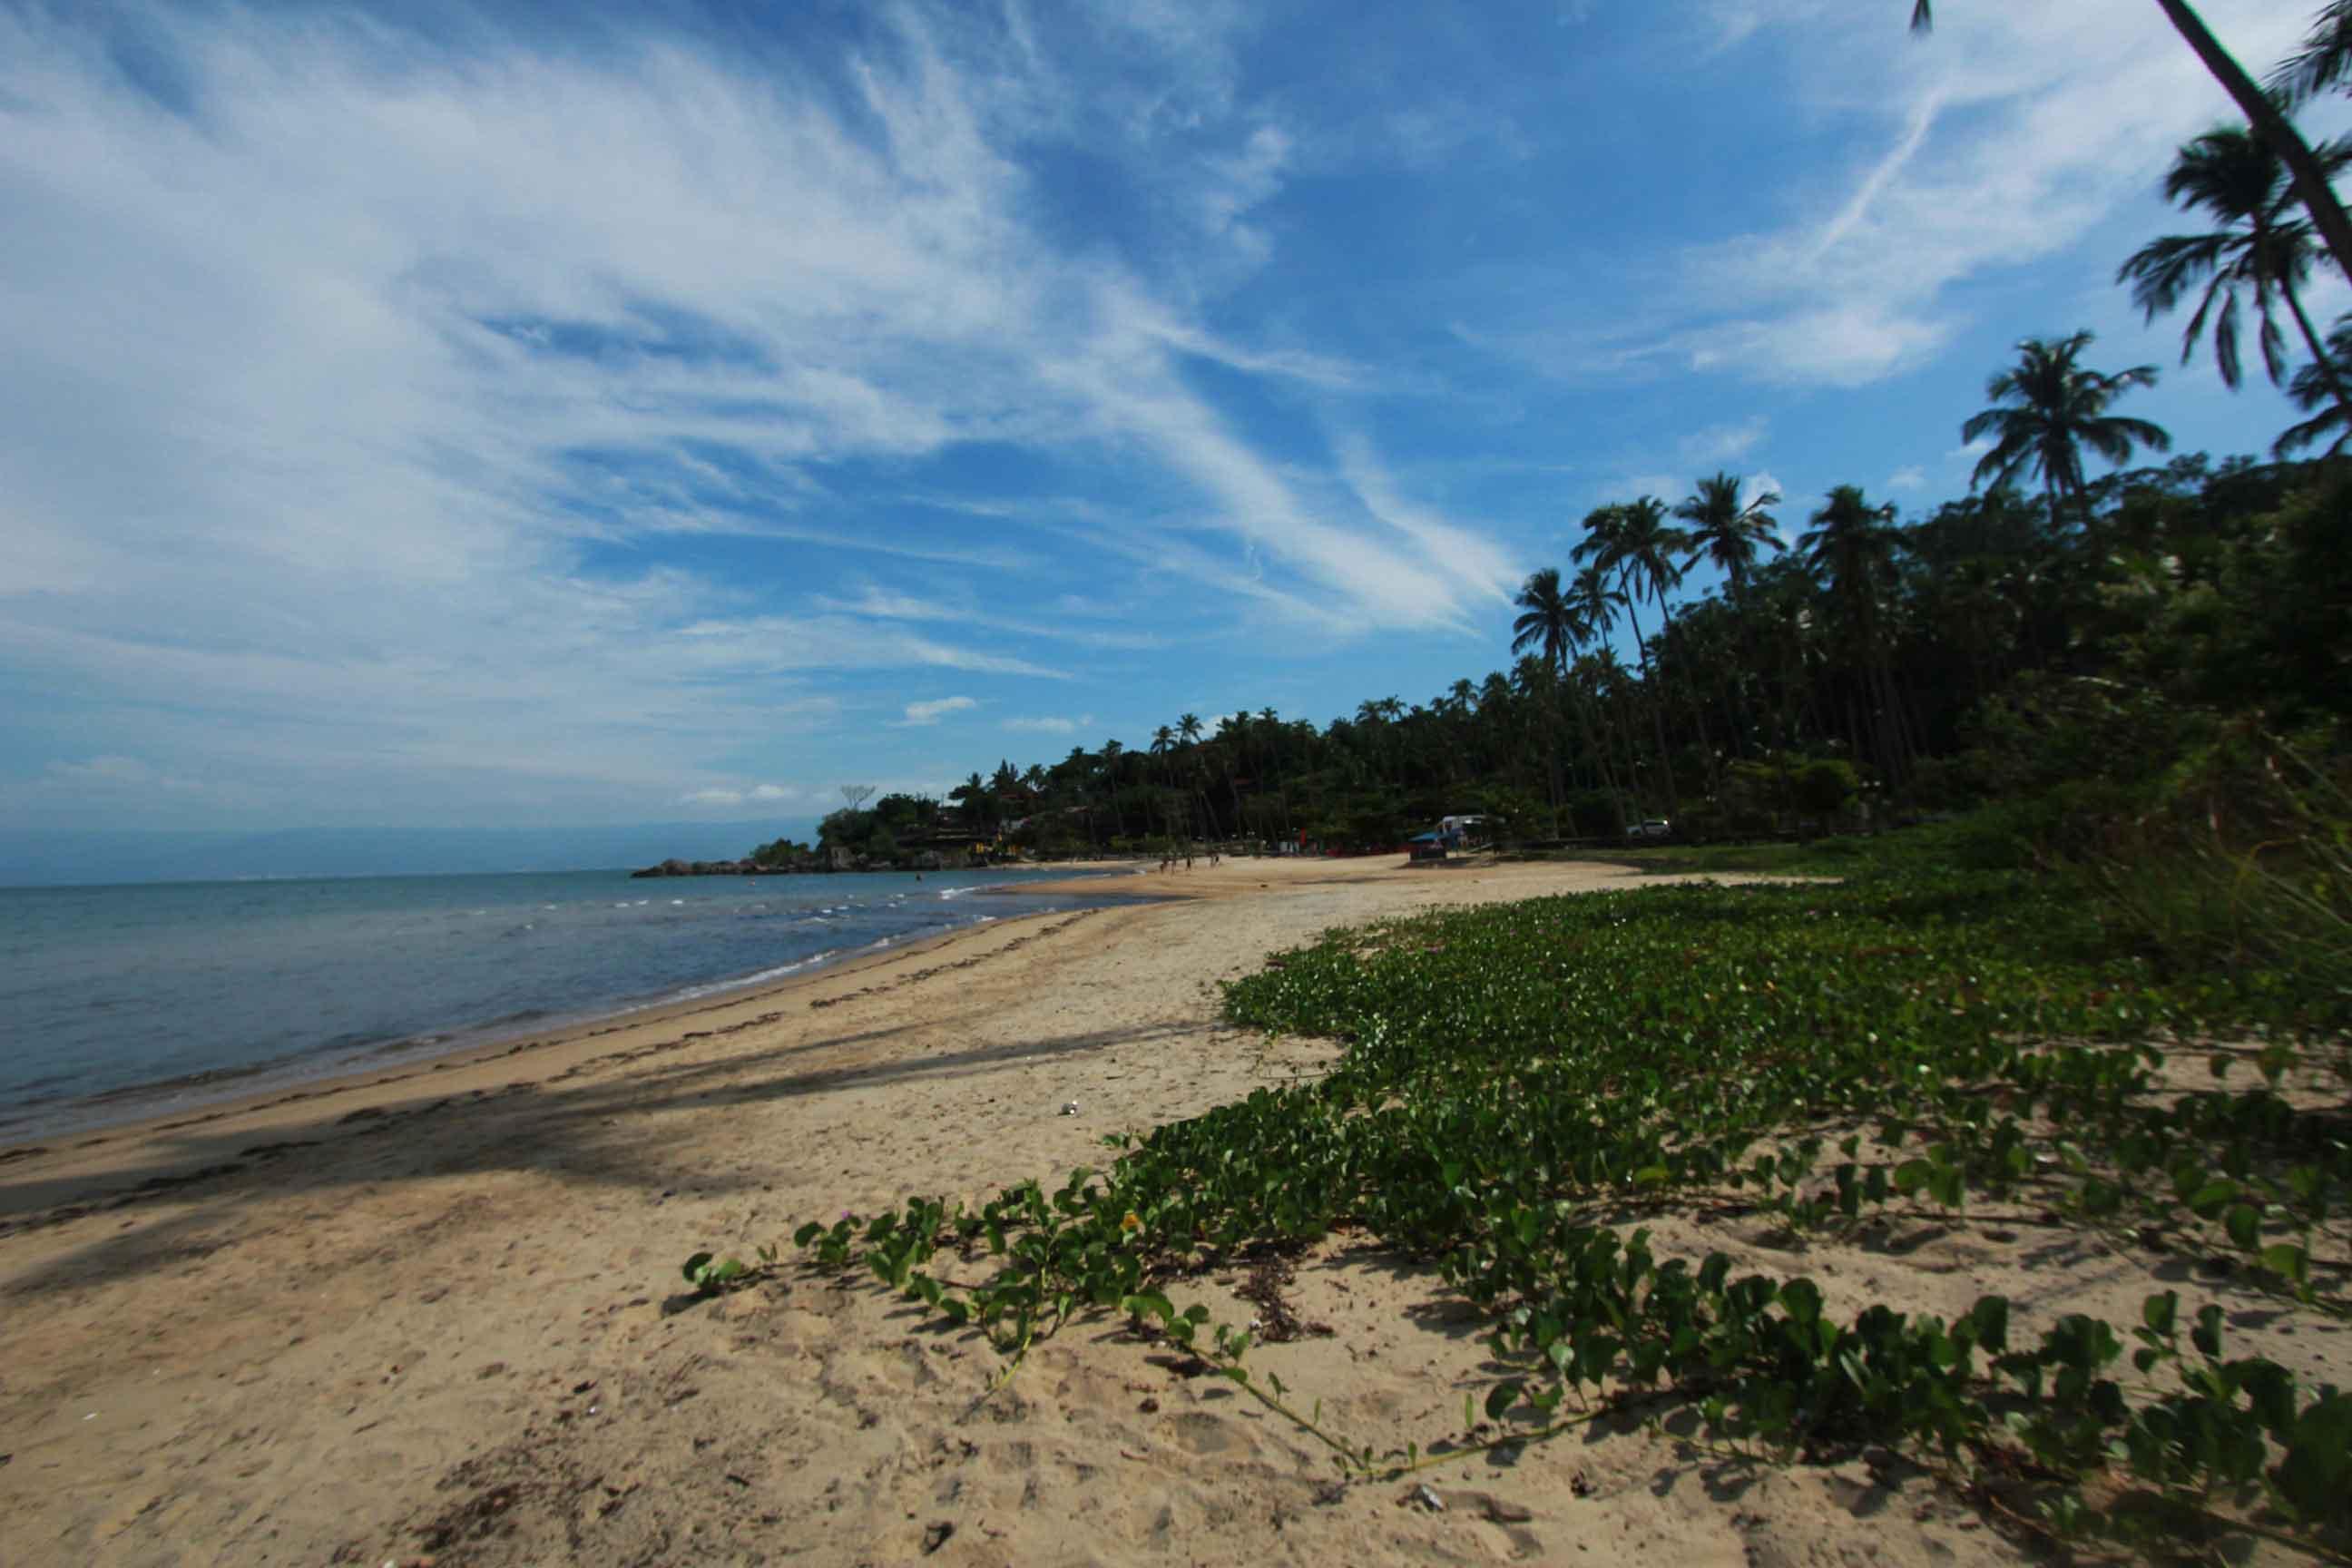 ilhabela-meio-ambiente-praia-garapocaia-norte-21-bx